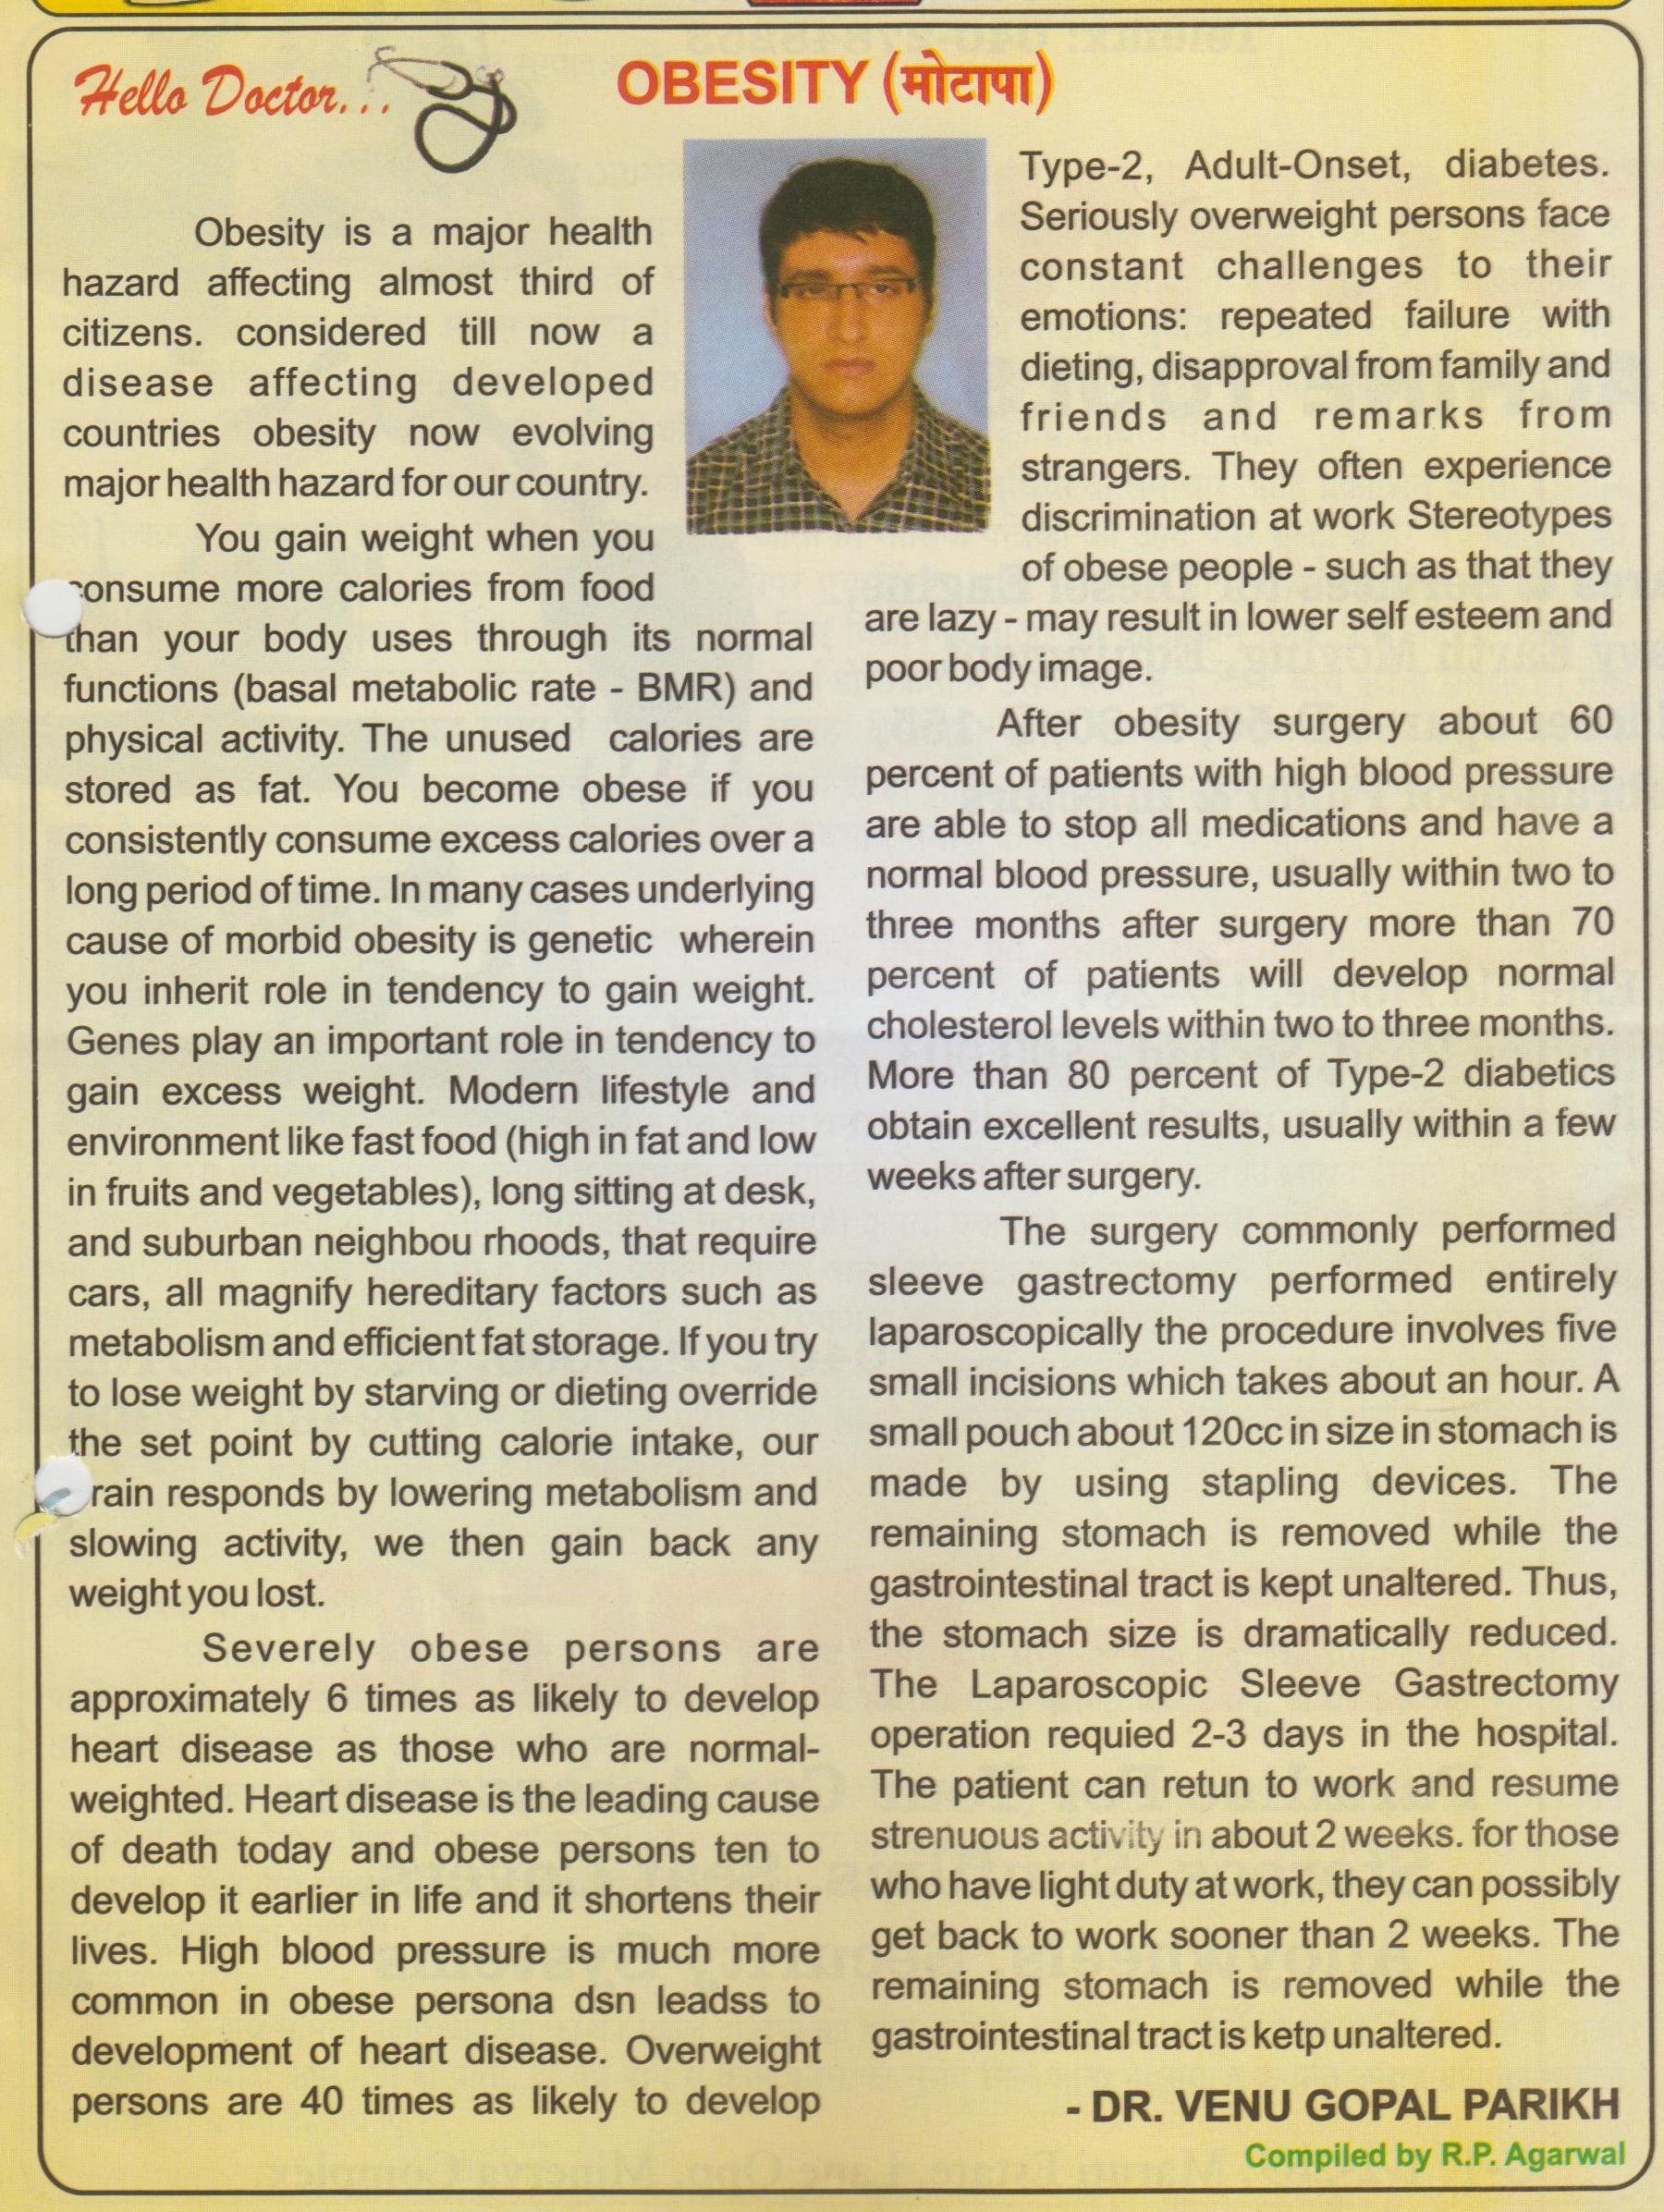 obesity_treatment_1